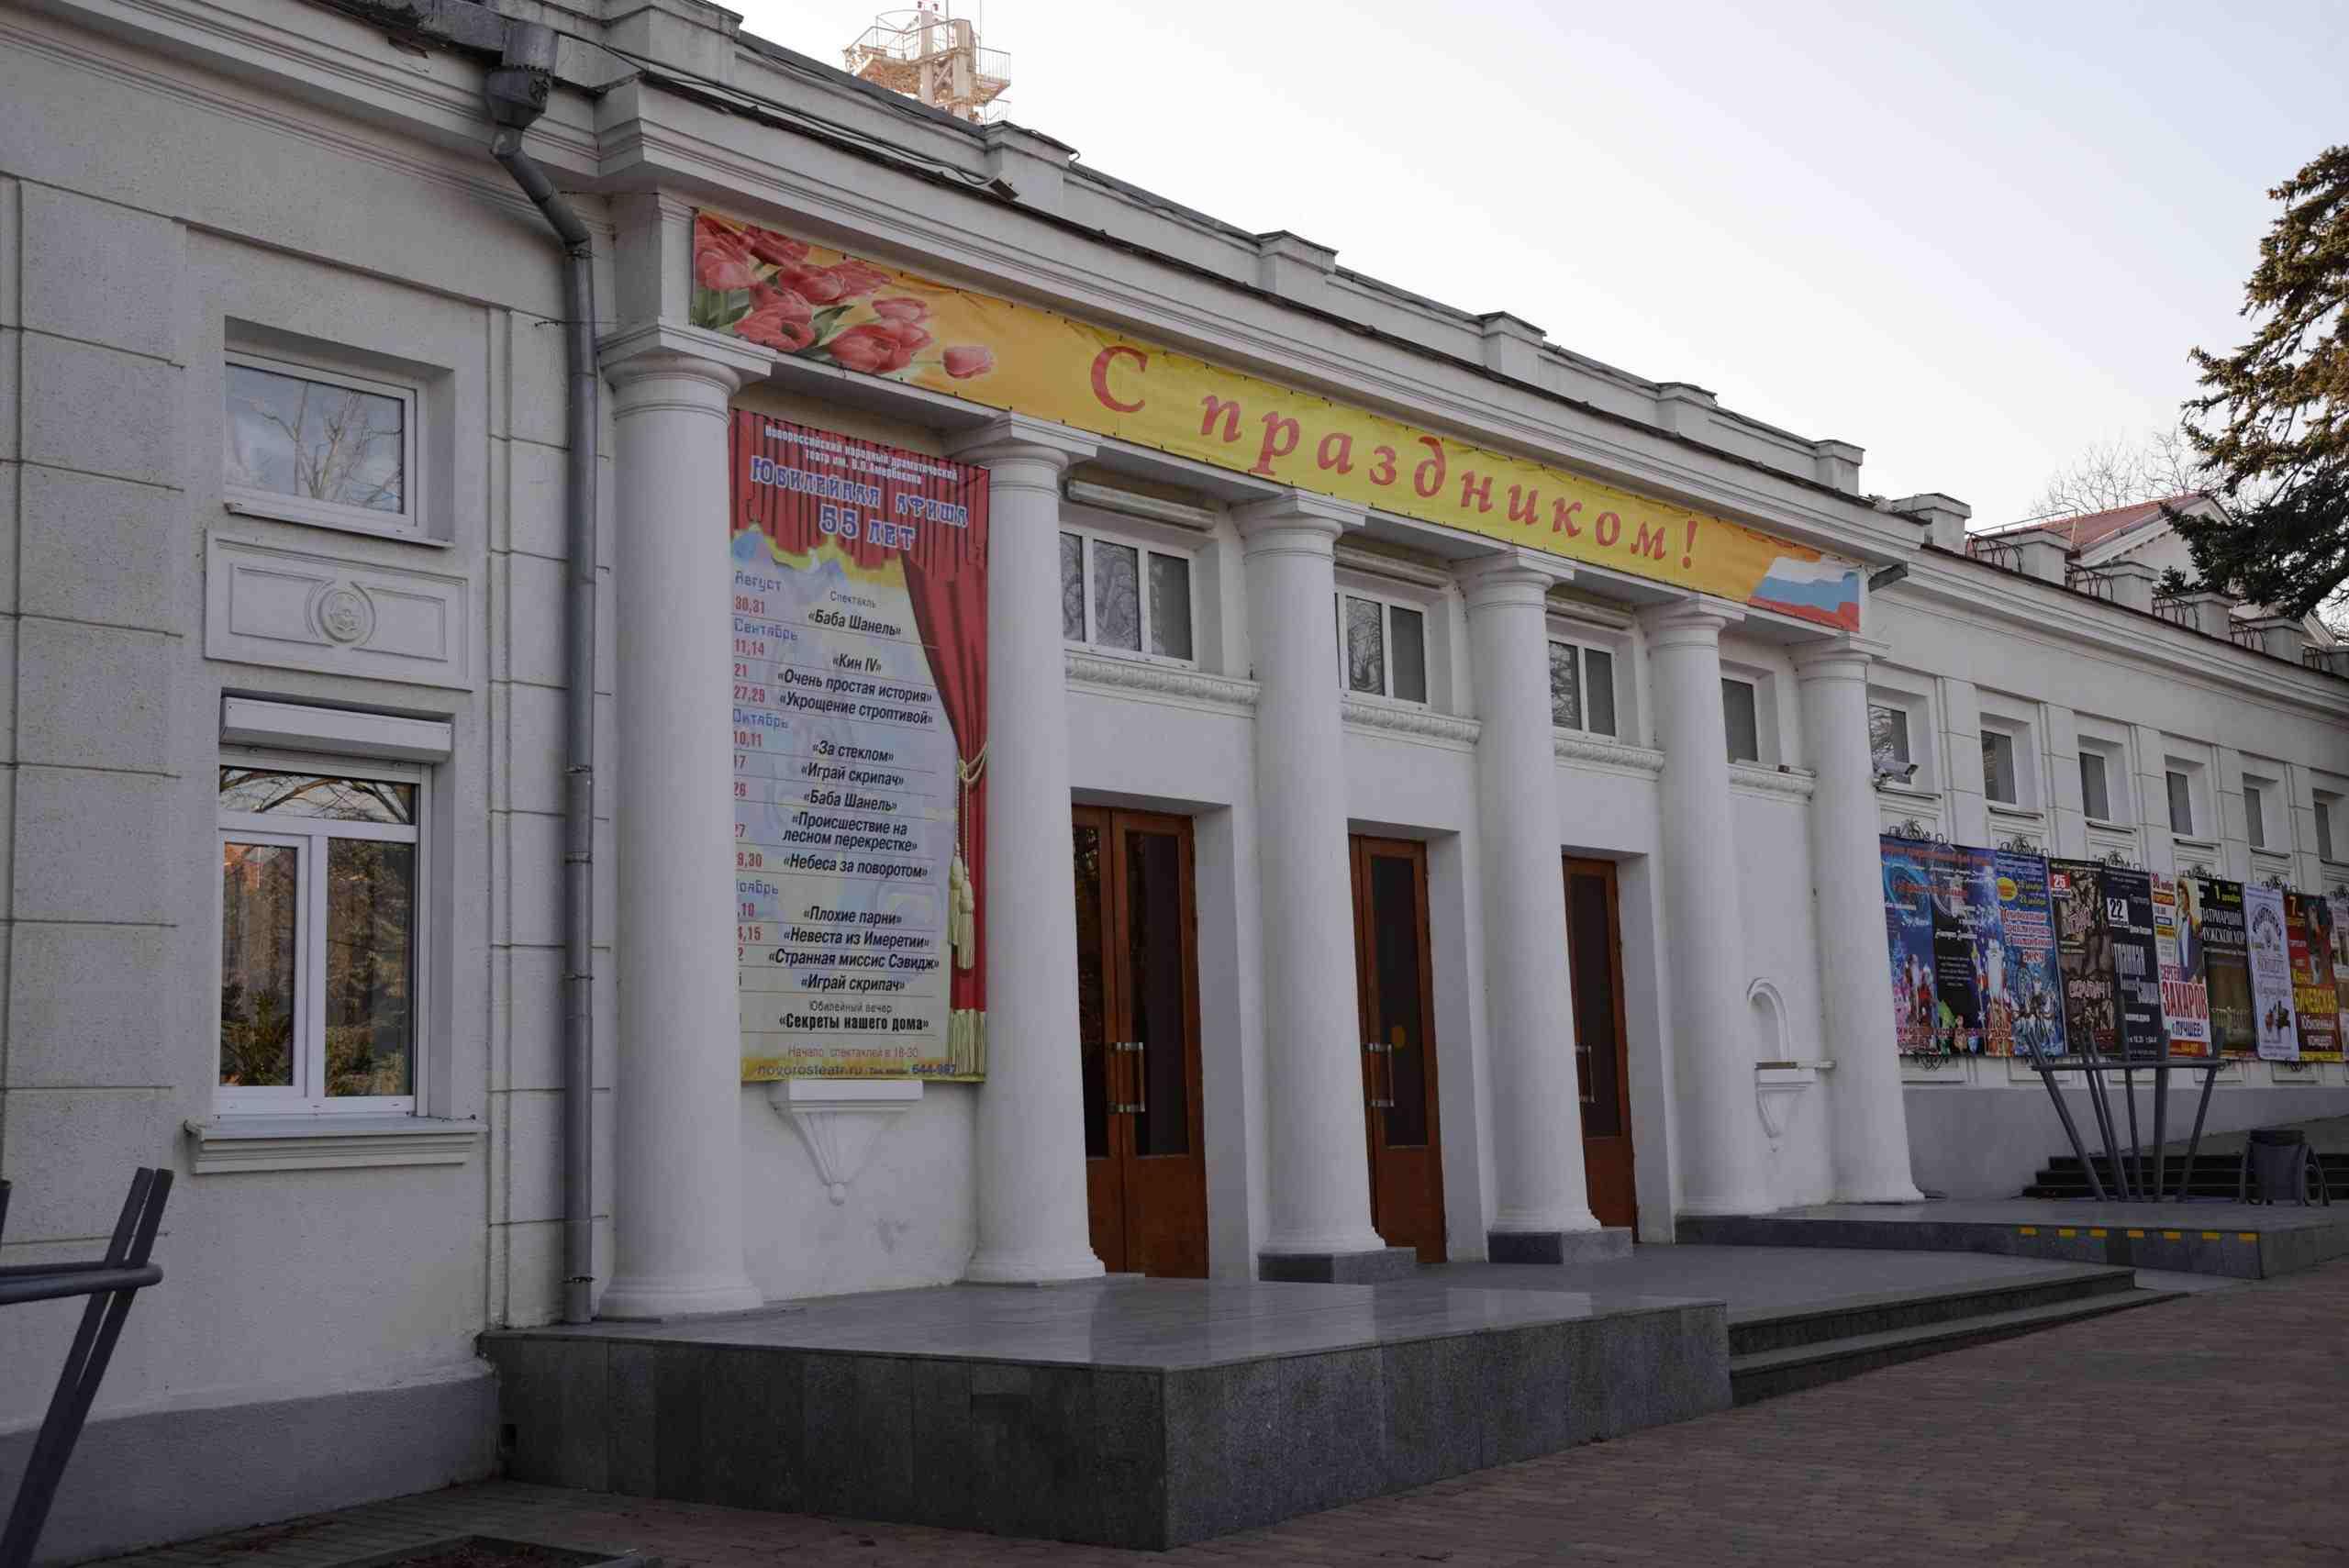 В Новороссийске начались гастроли Орского театра, предваряющие начало фестиваля «Театральная гавань»